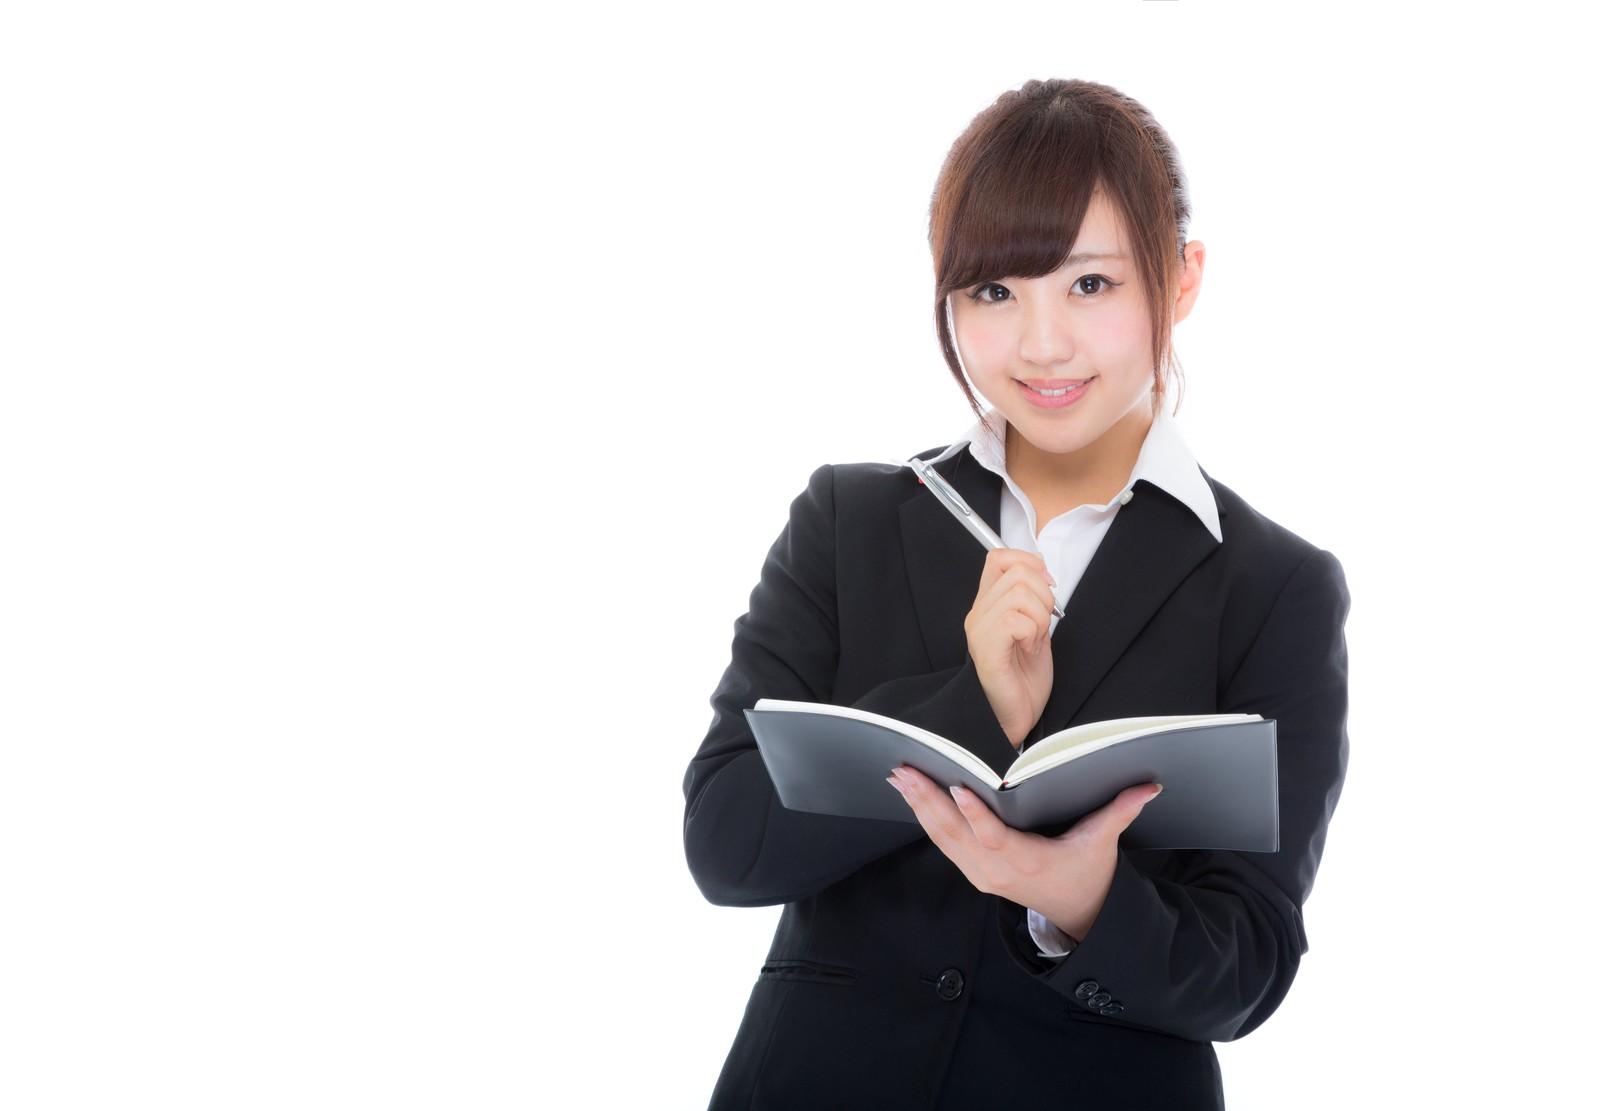 新入社員の会議参加意識①会議の目的を理解する